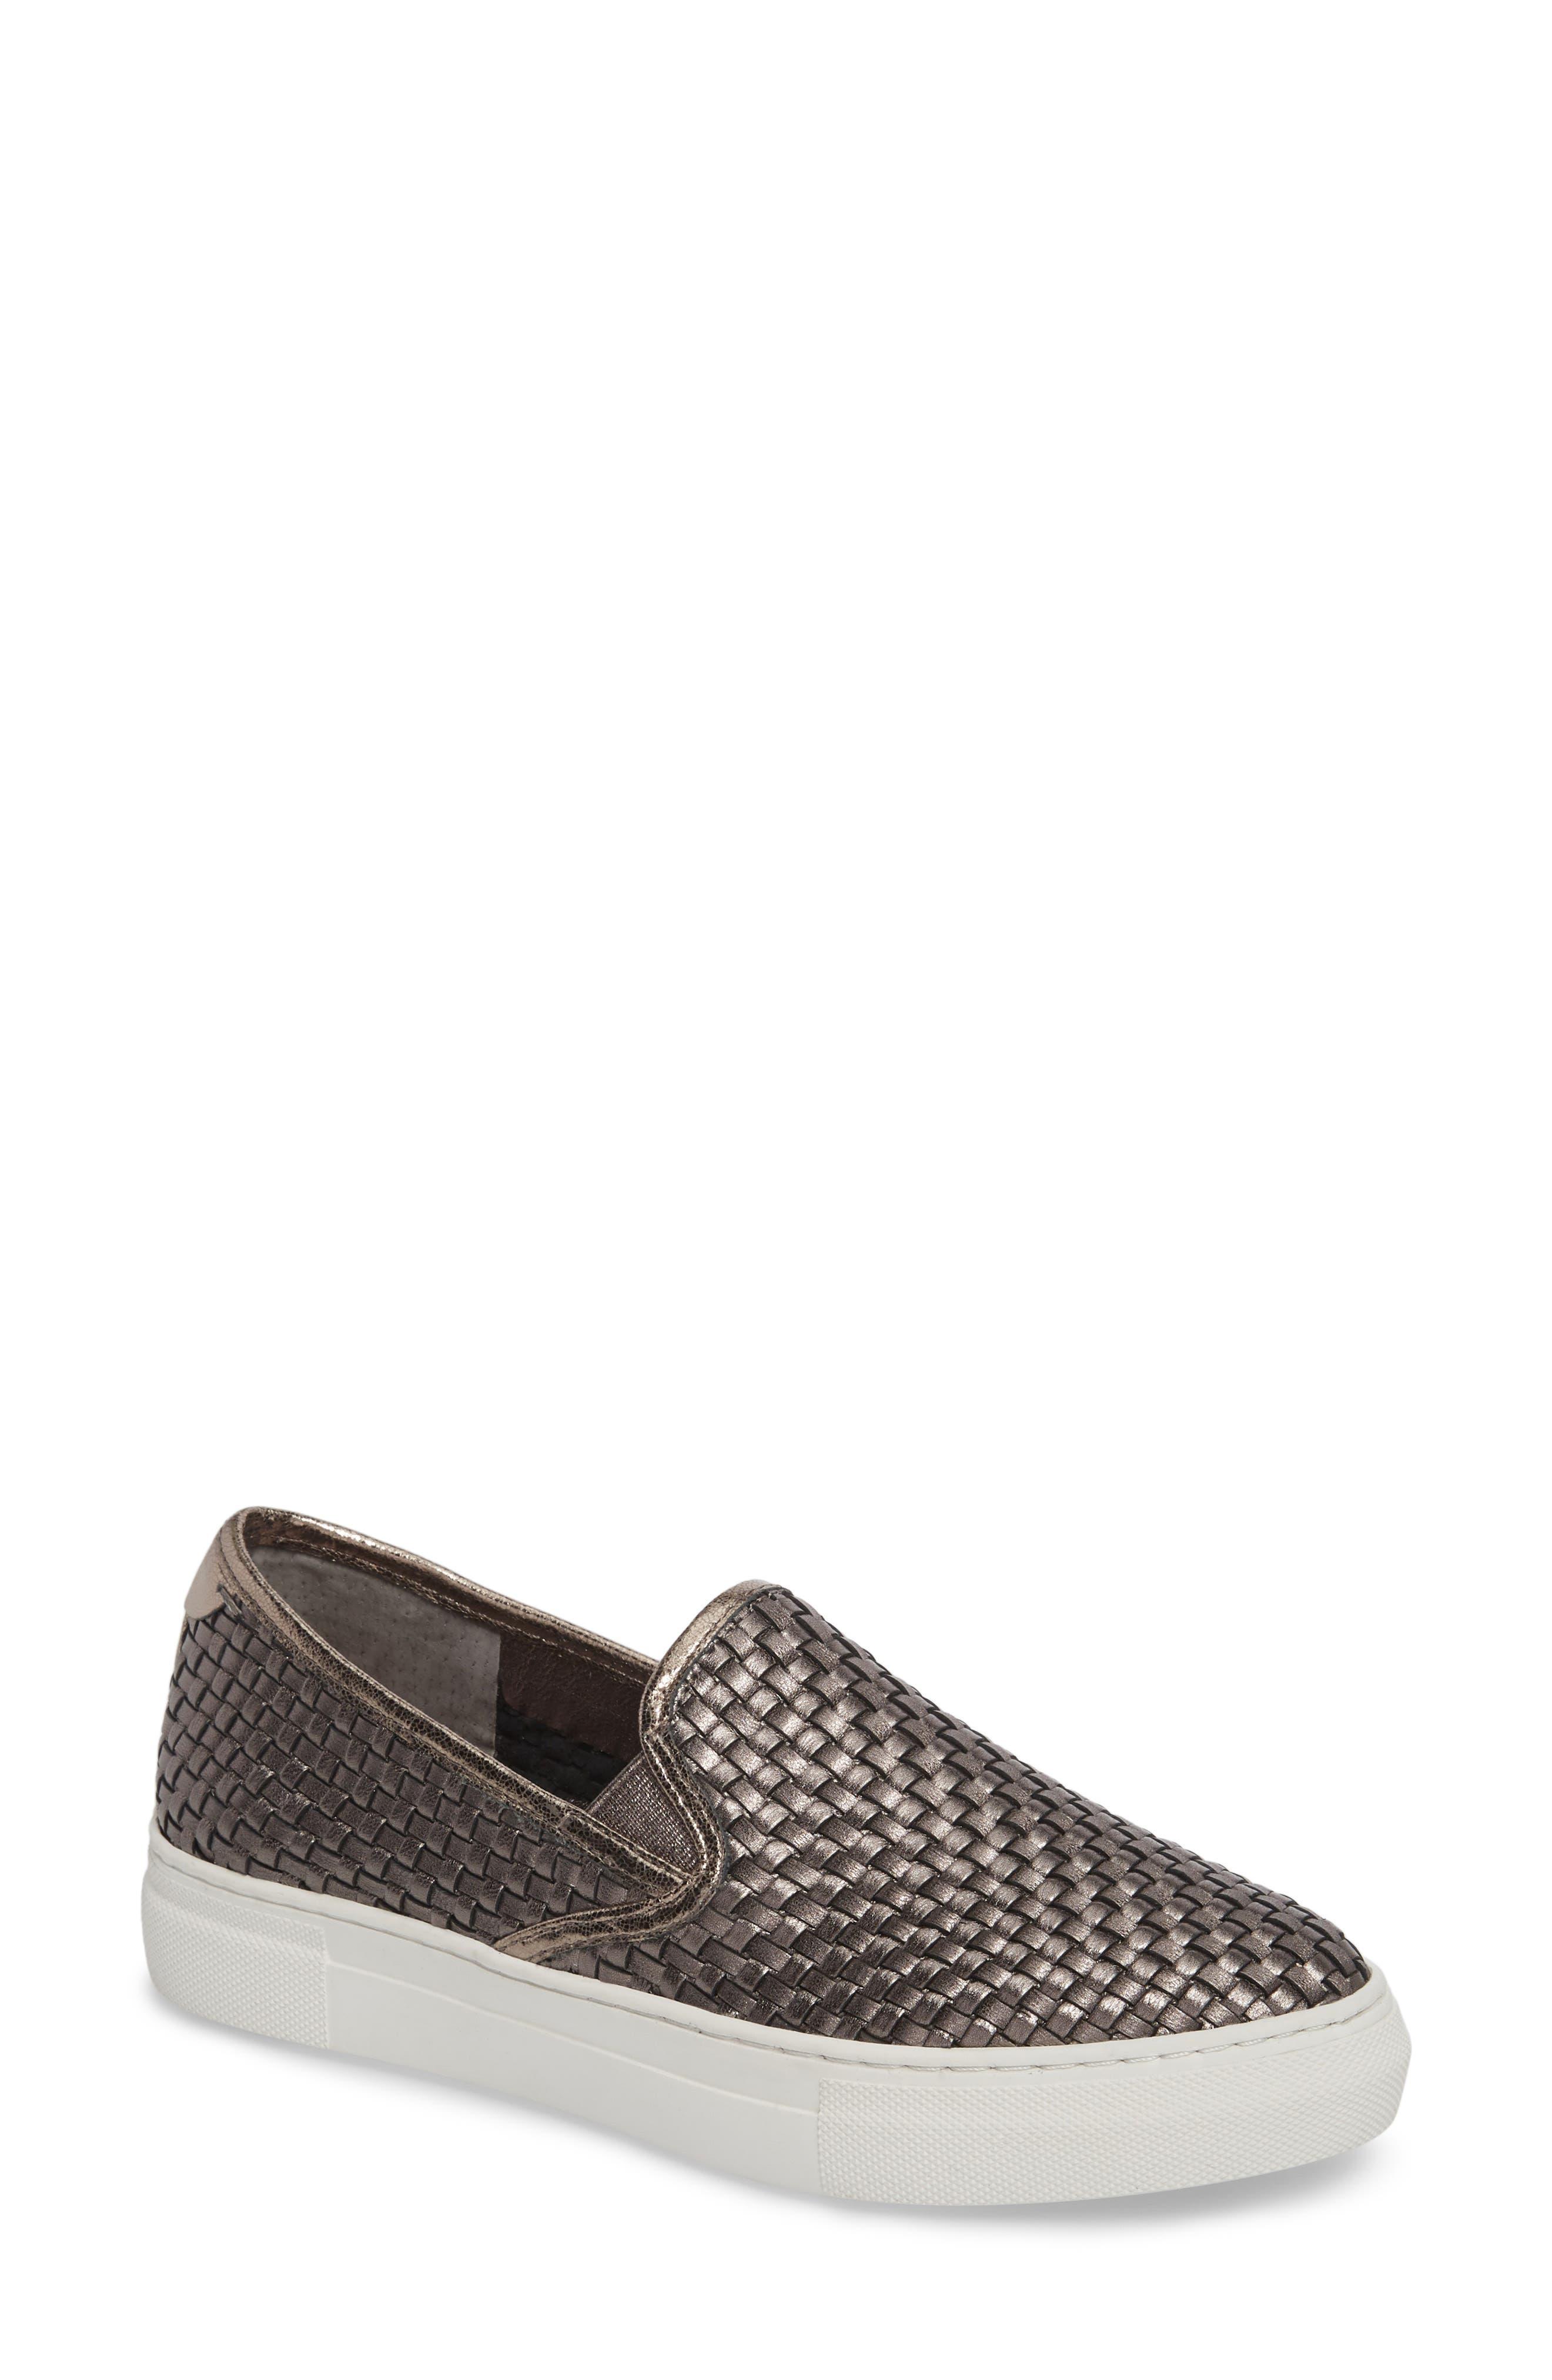 Flynn Slip-On Sneaker,                             Main thumbnail 1, color,                             Pewter Leather